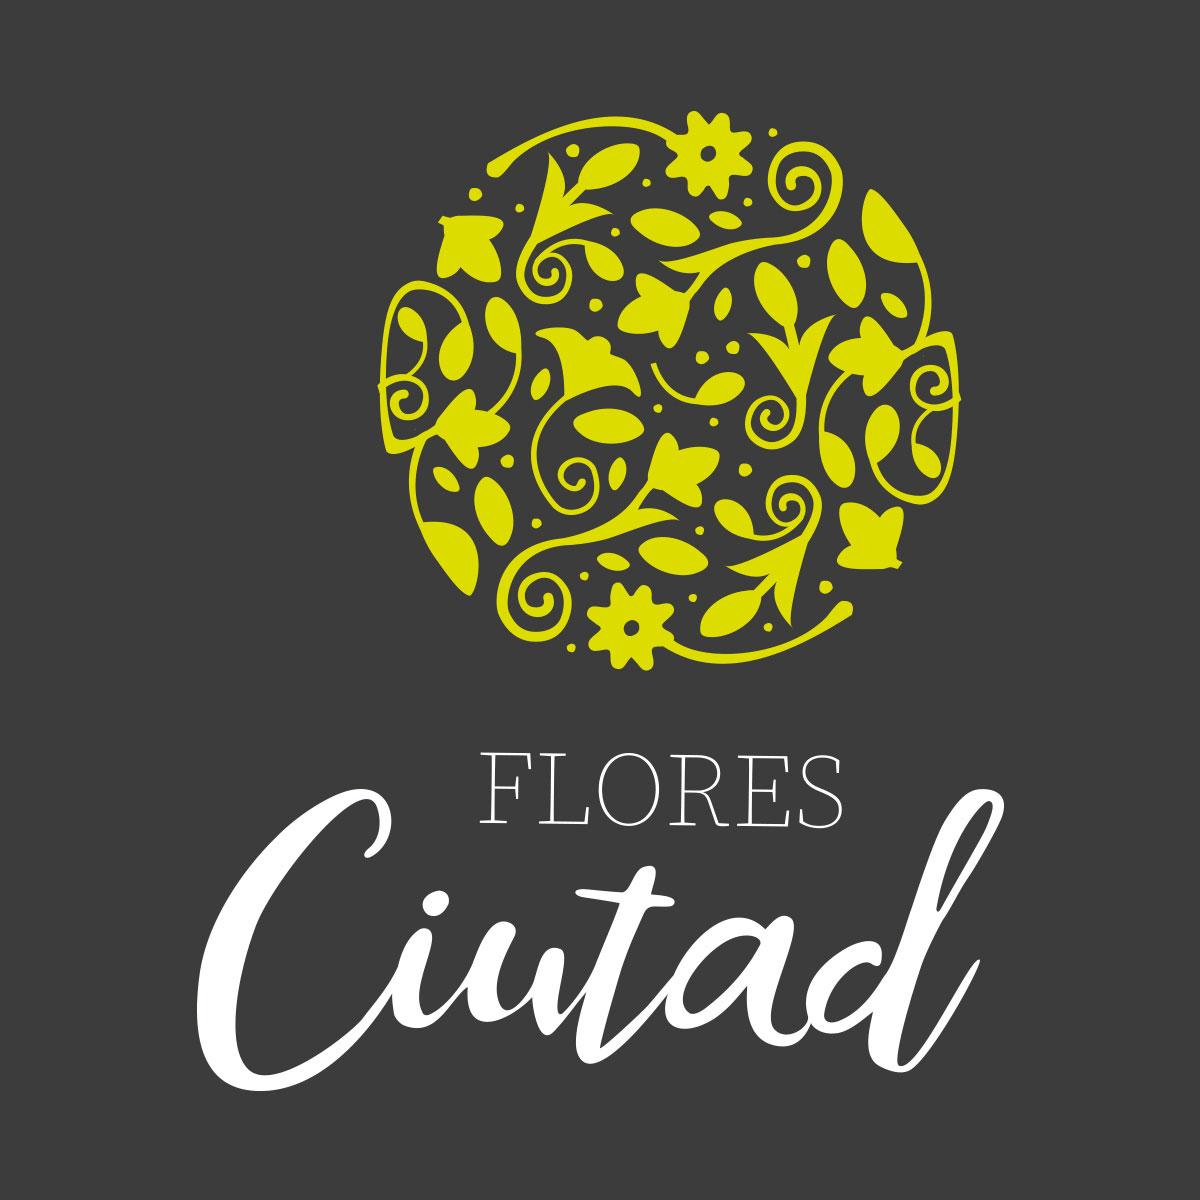 flores ciutad version 1